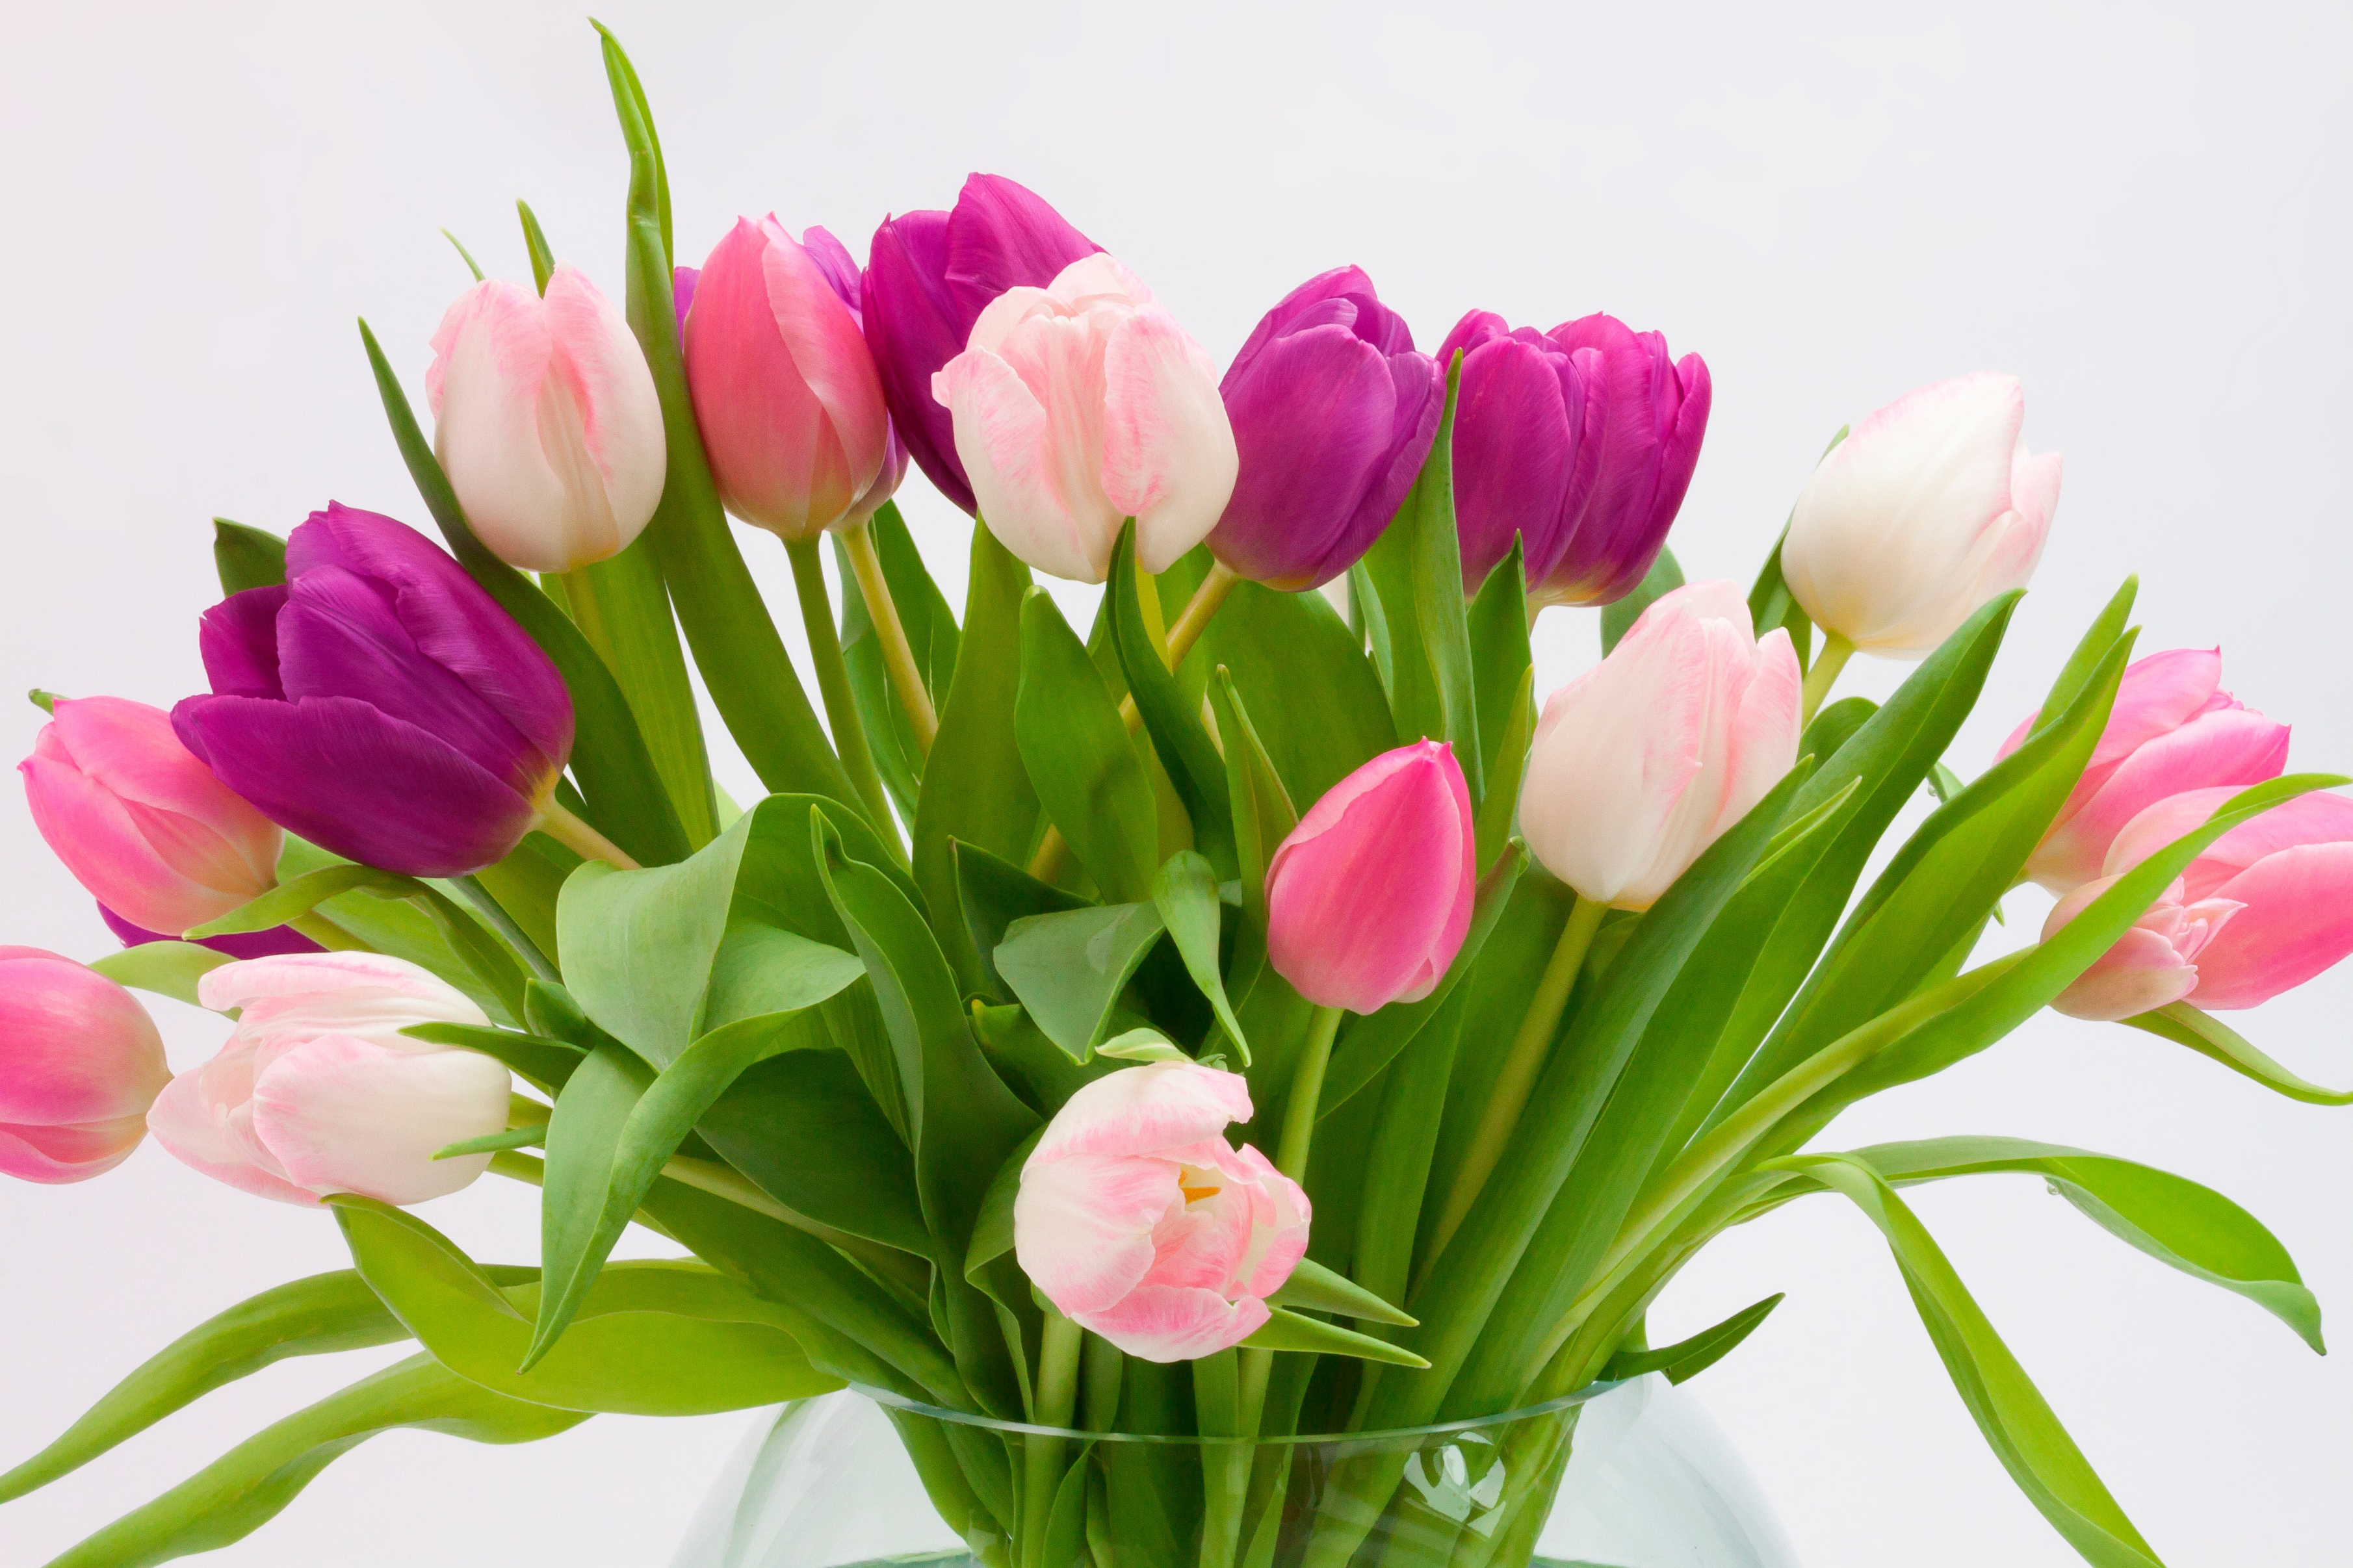 tulip-photo-9